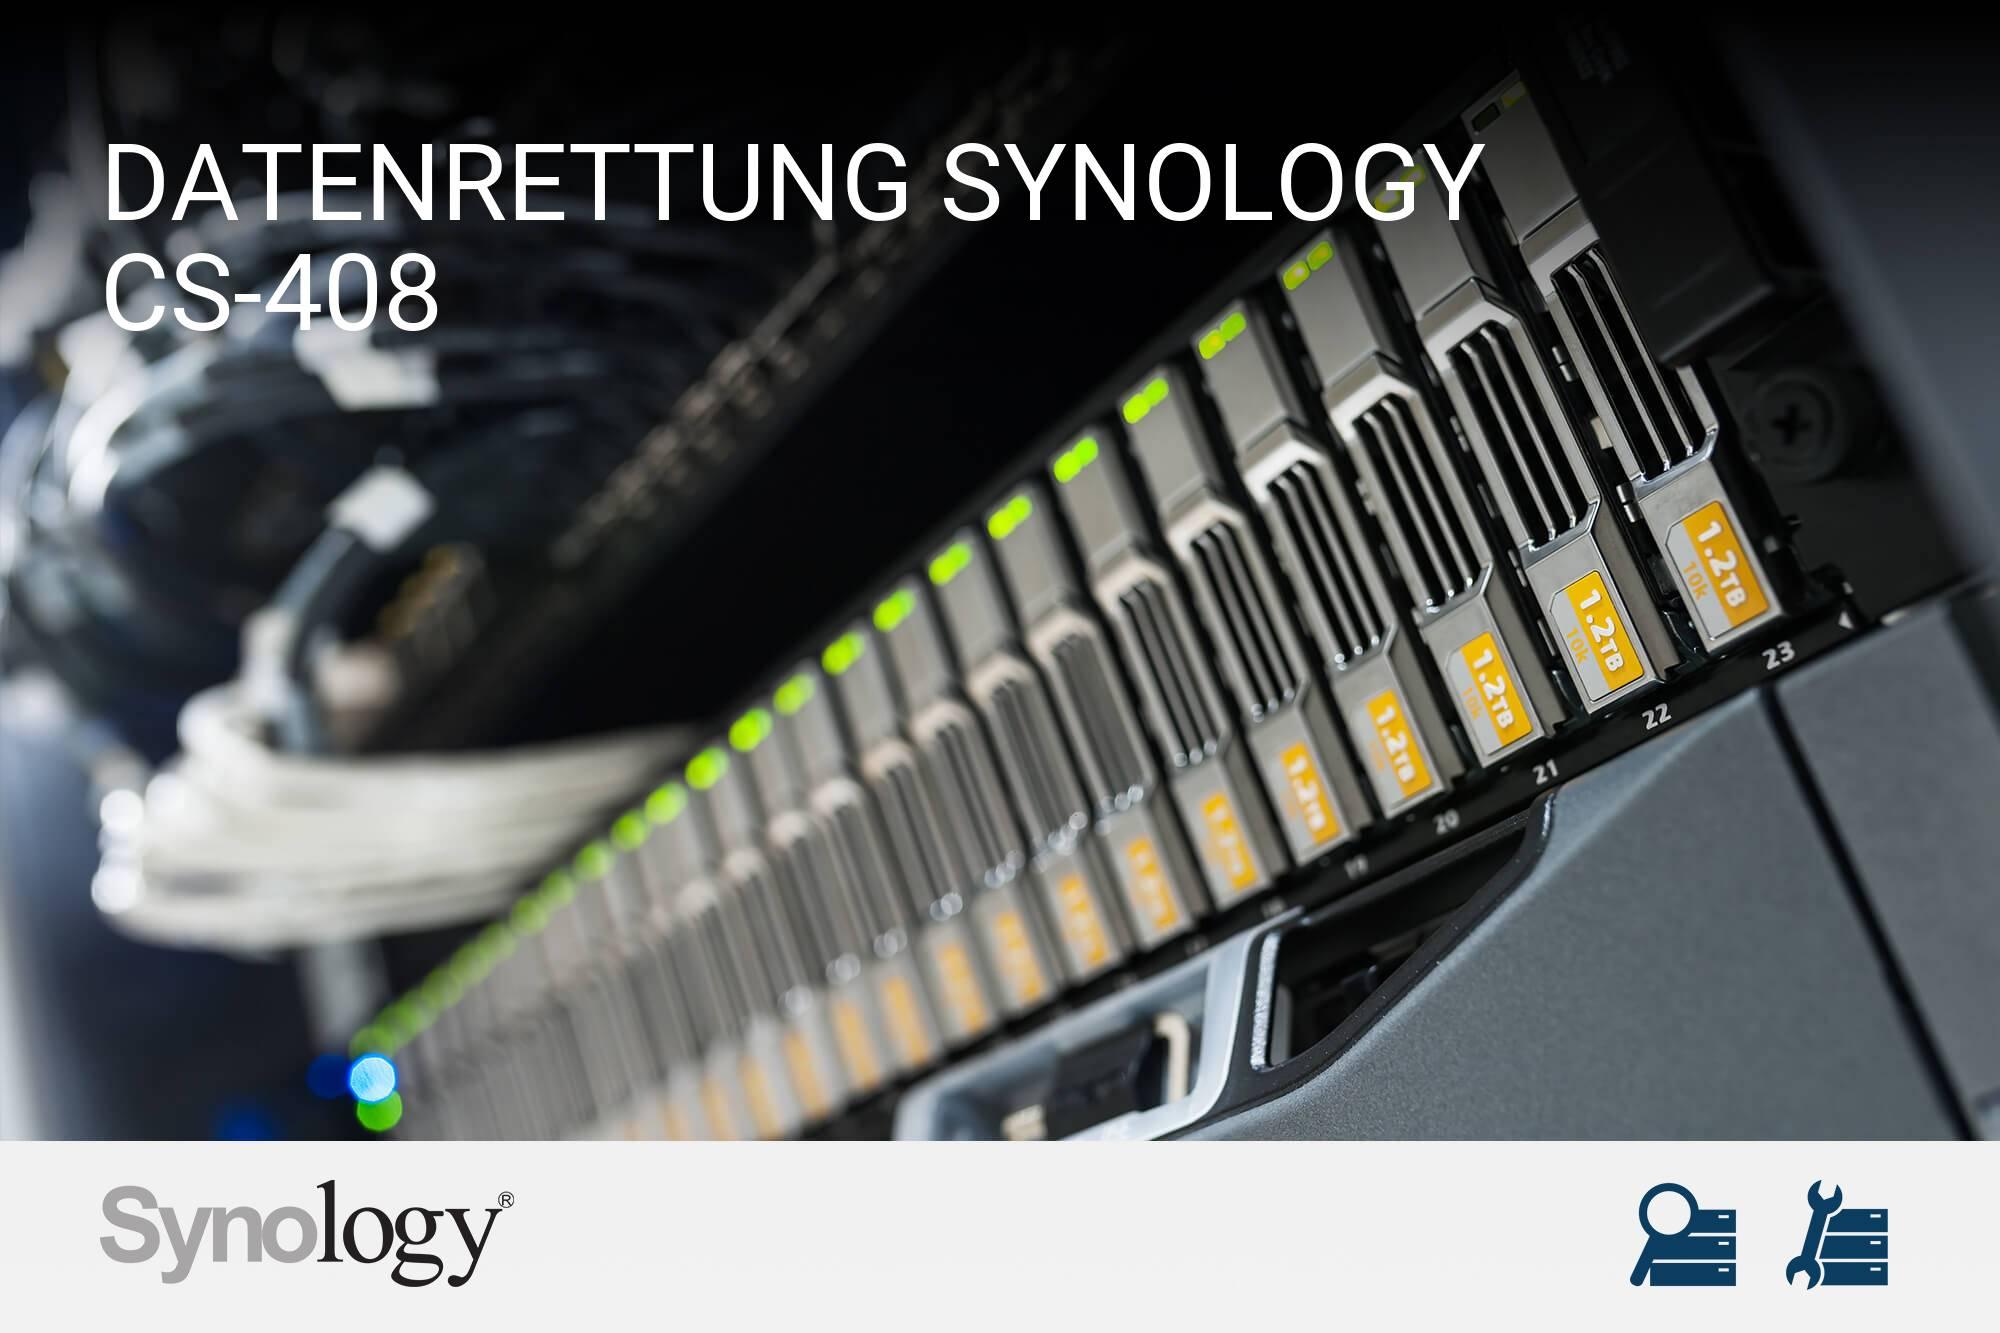 Synology CS-408